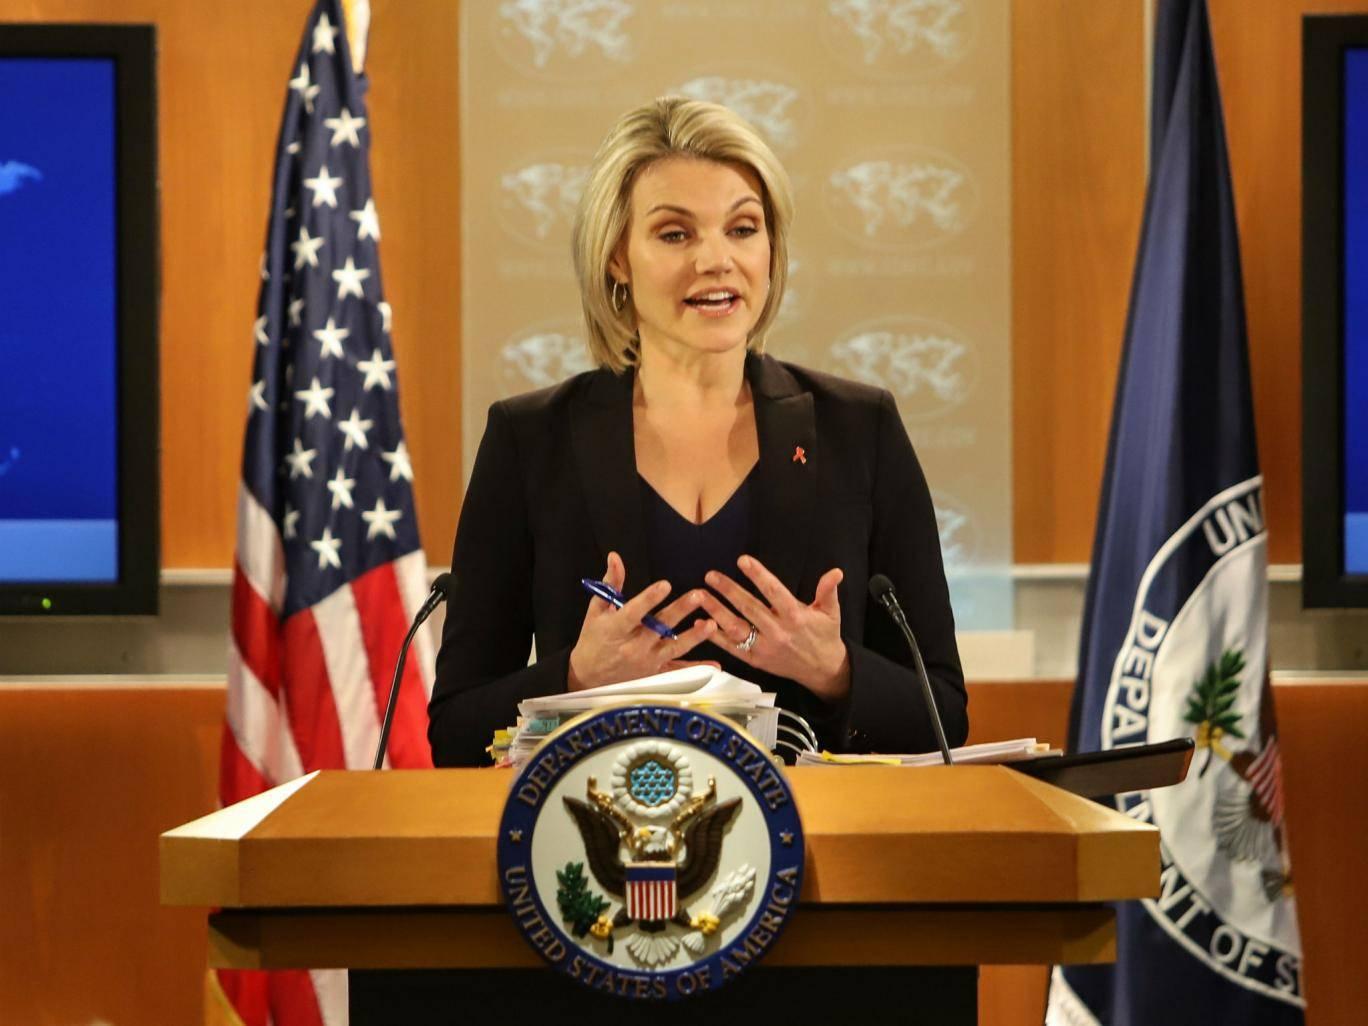 Heather Nauert, presentadora de la Fox que Trump ha convertido en embajadora  ante la ONU